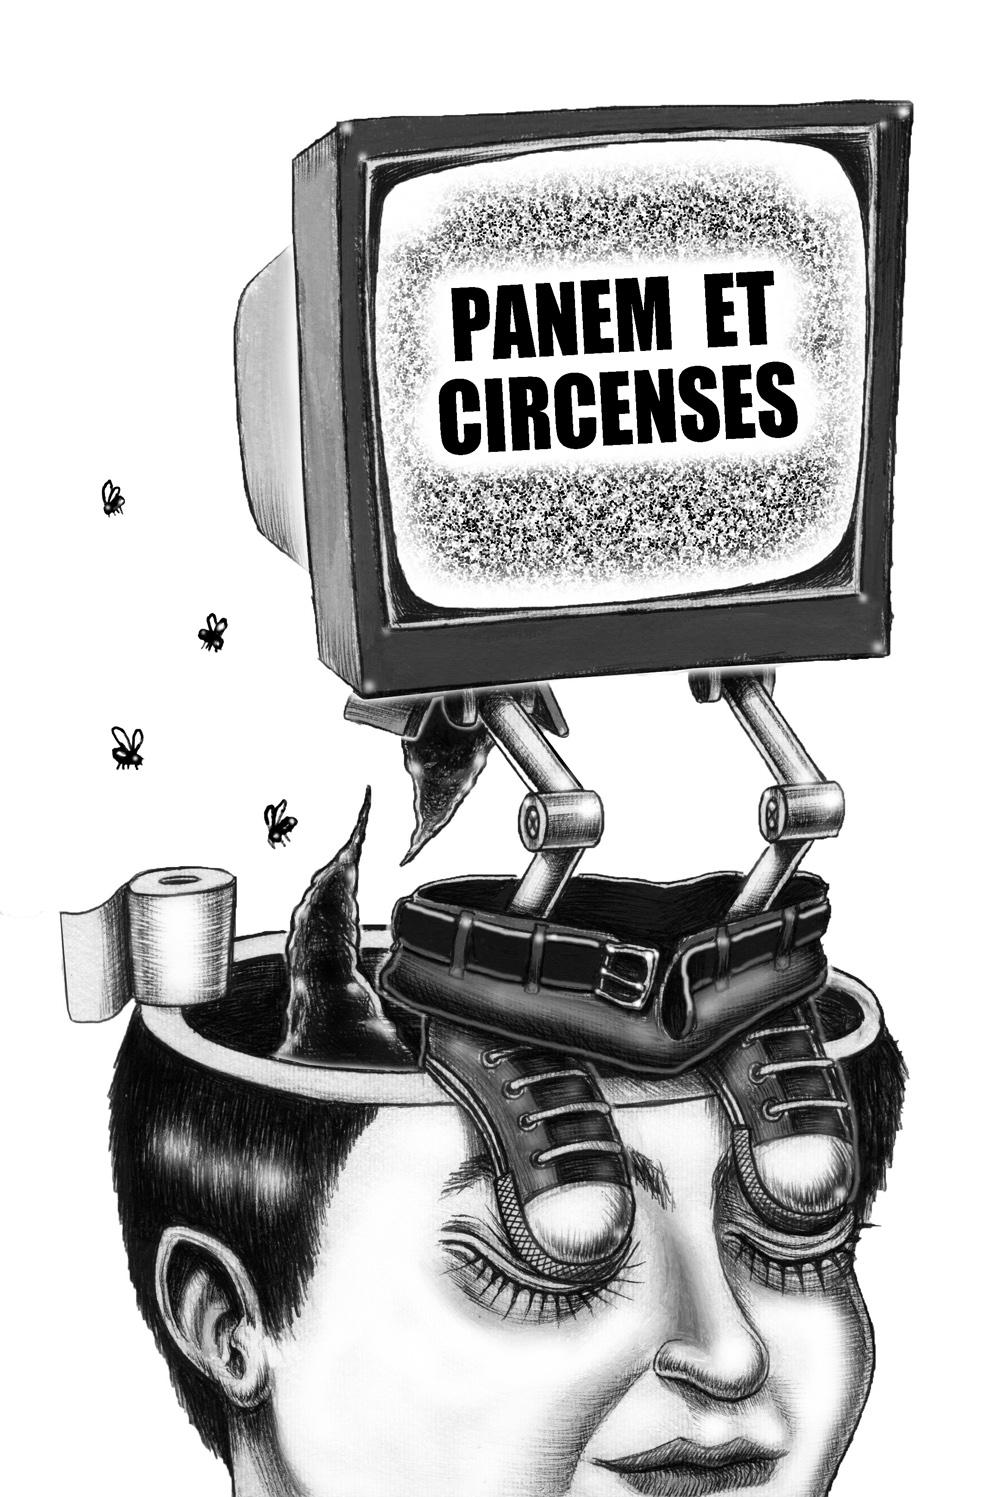 panem-et-circenses-graficanera | ~ gabriella giudici